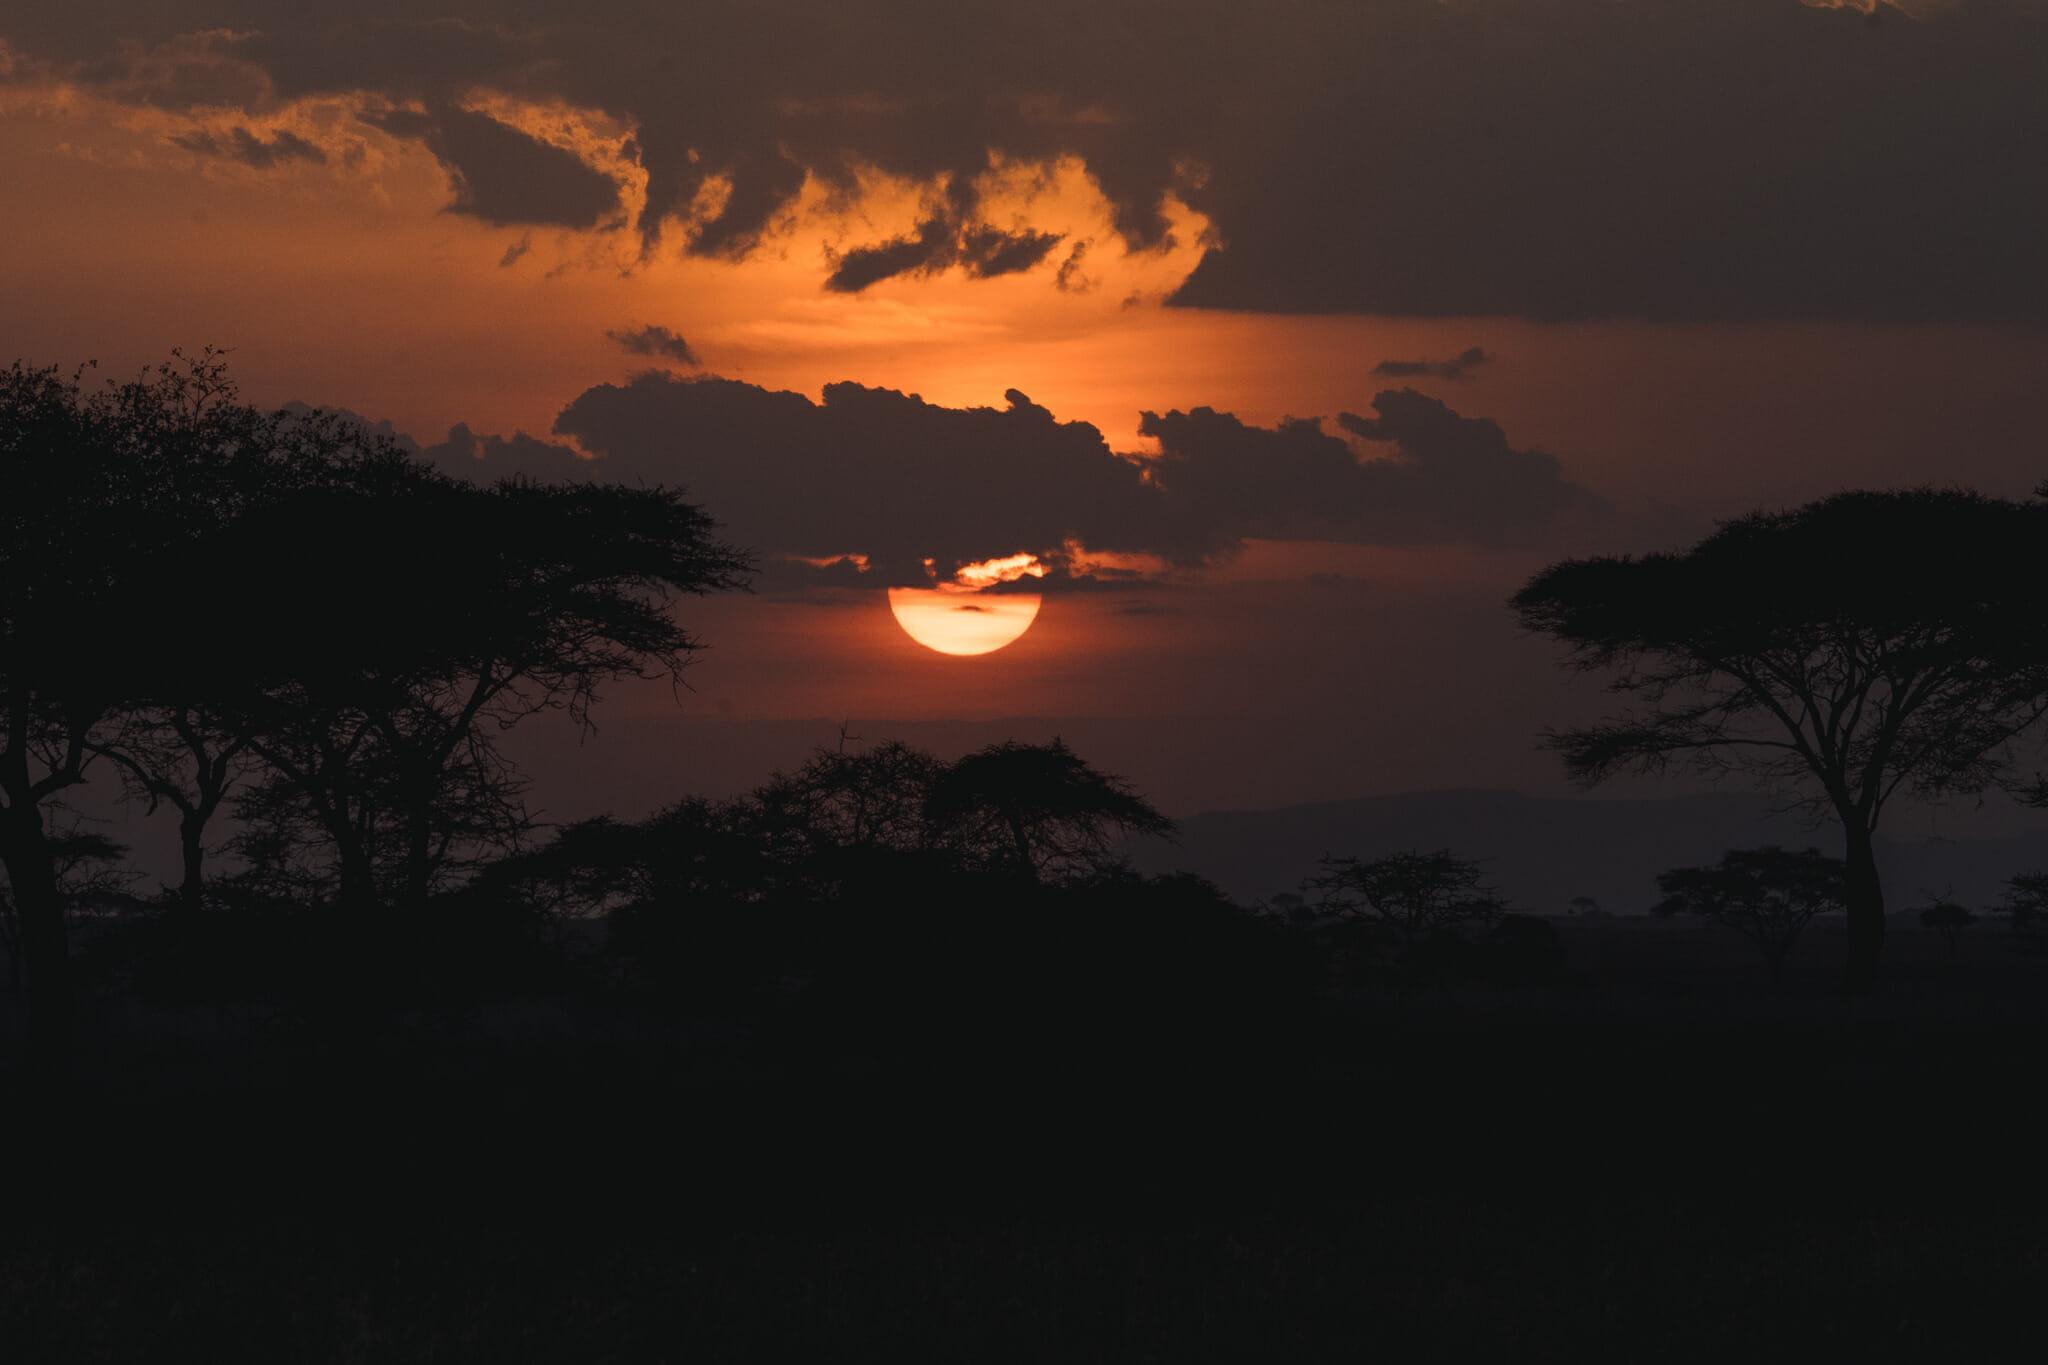 coucher de soleil sur le parc national du serengeti en tanzanie